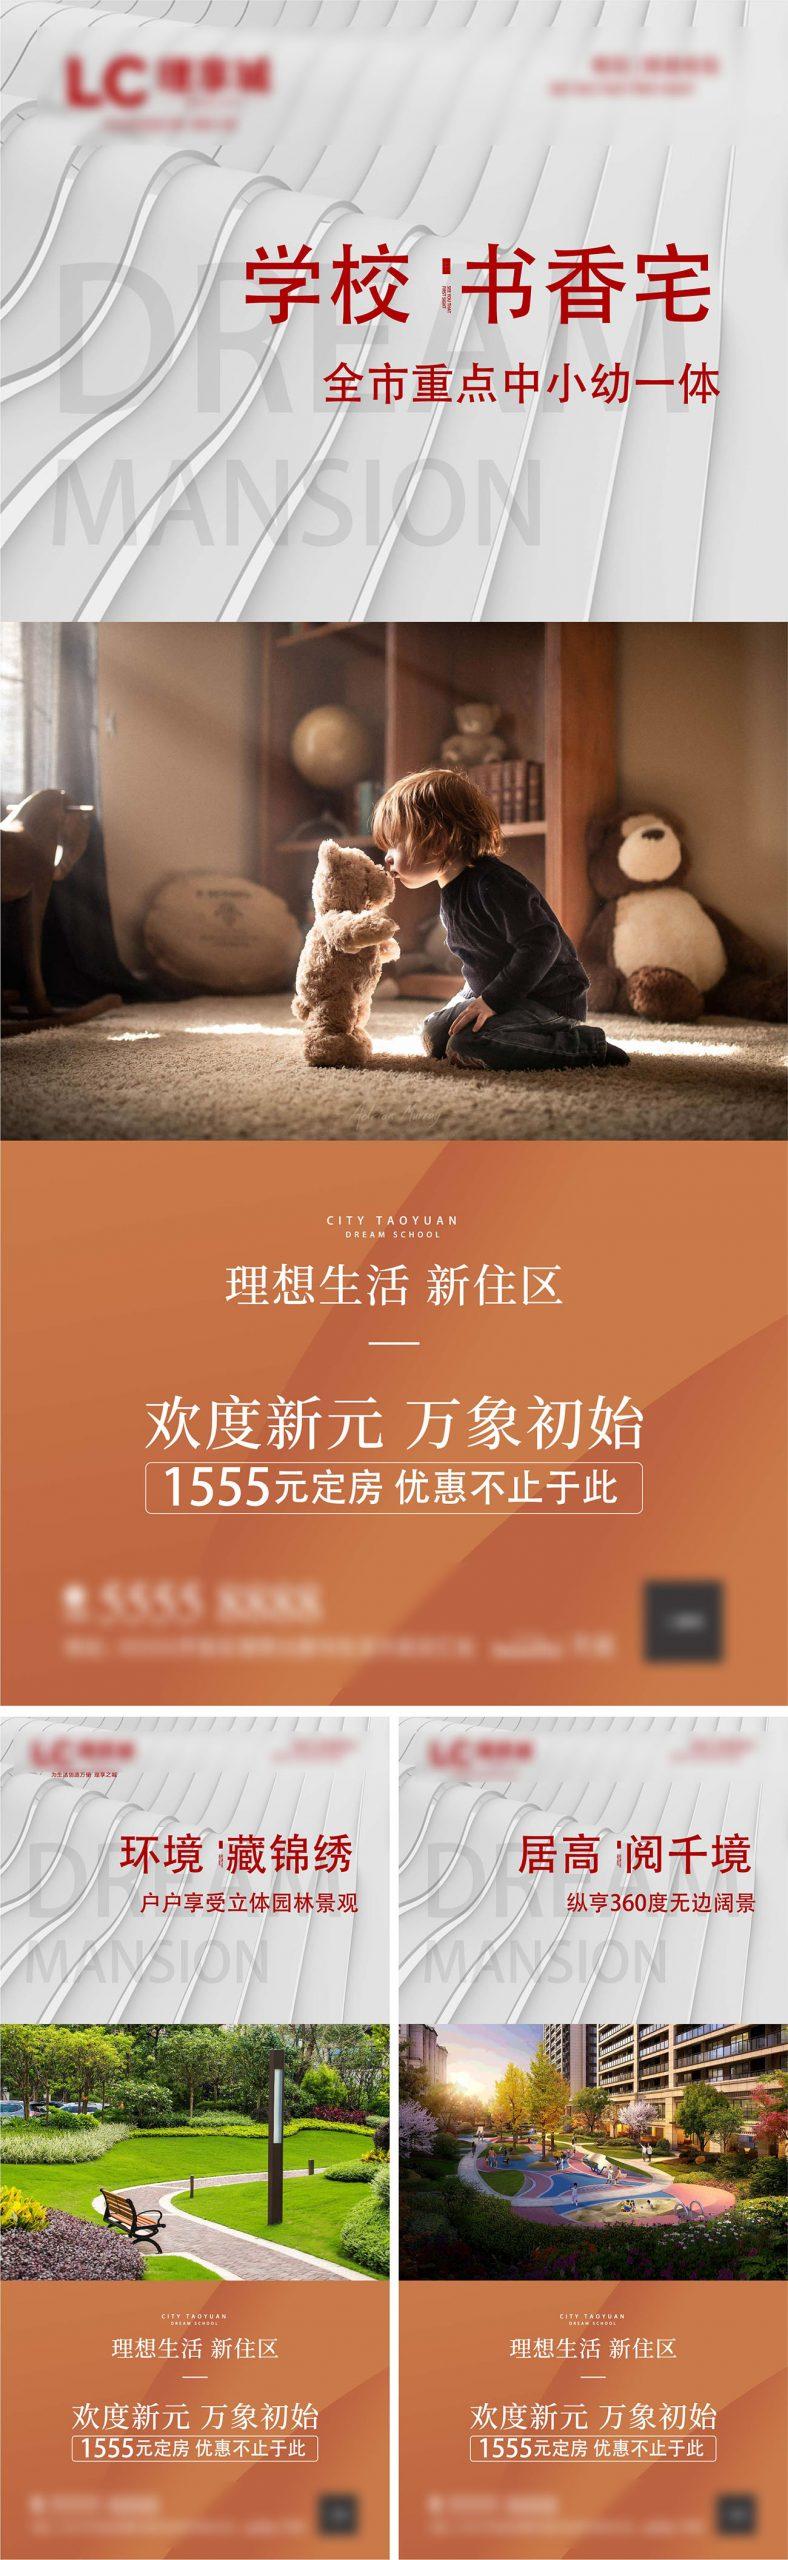 房地产书香学区学校环境艺术海报AI源文件插图